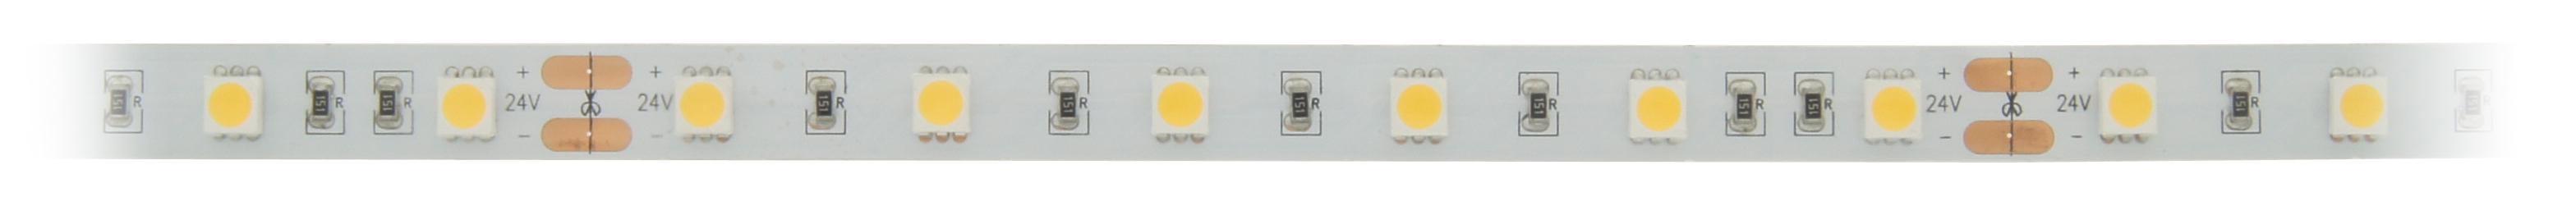 1 Stk Flexstrip 60 NW, Ra=90+, 13,8W/m, 1180lm/m, 24VDC,IP44, l=5m LIFS012003